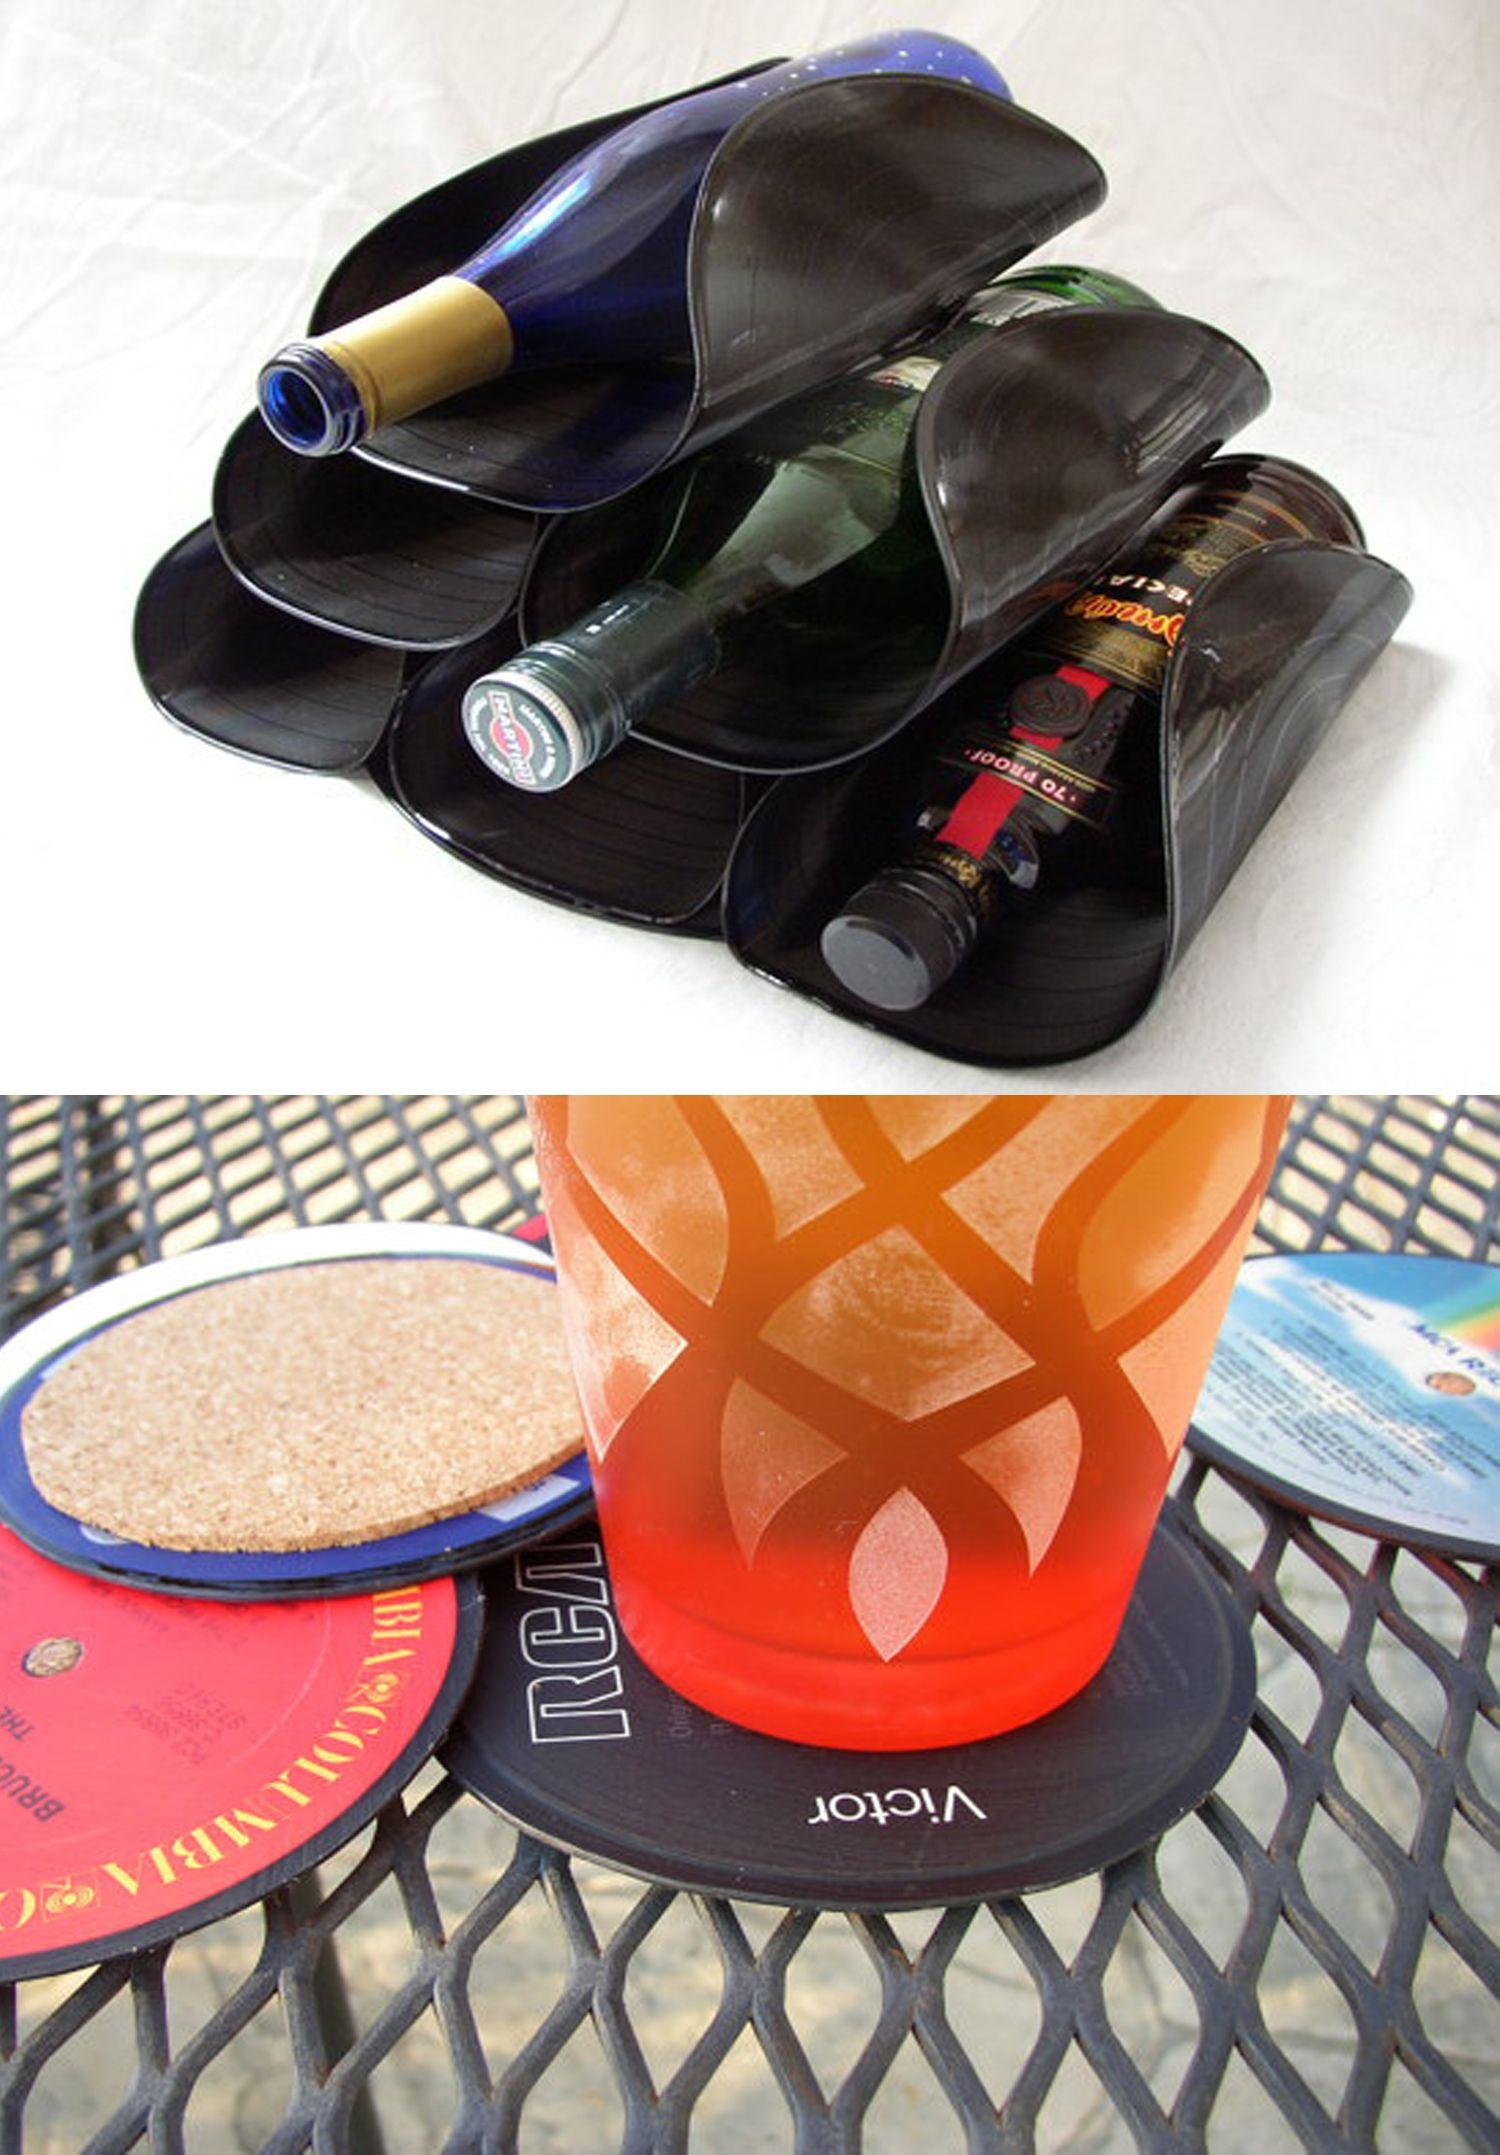 Ausgefallene weinflaschenhalter aus schallplatten diy - Deko schallplatten ...